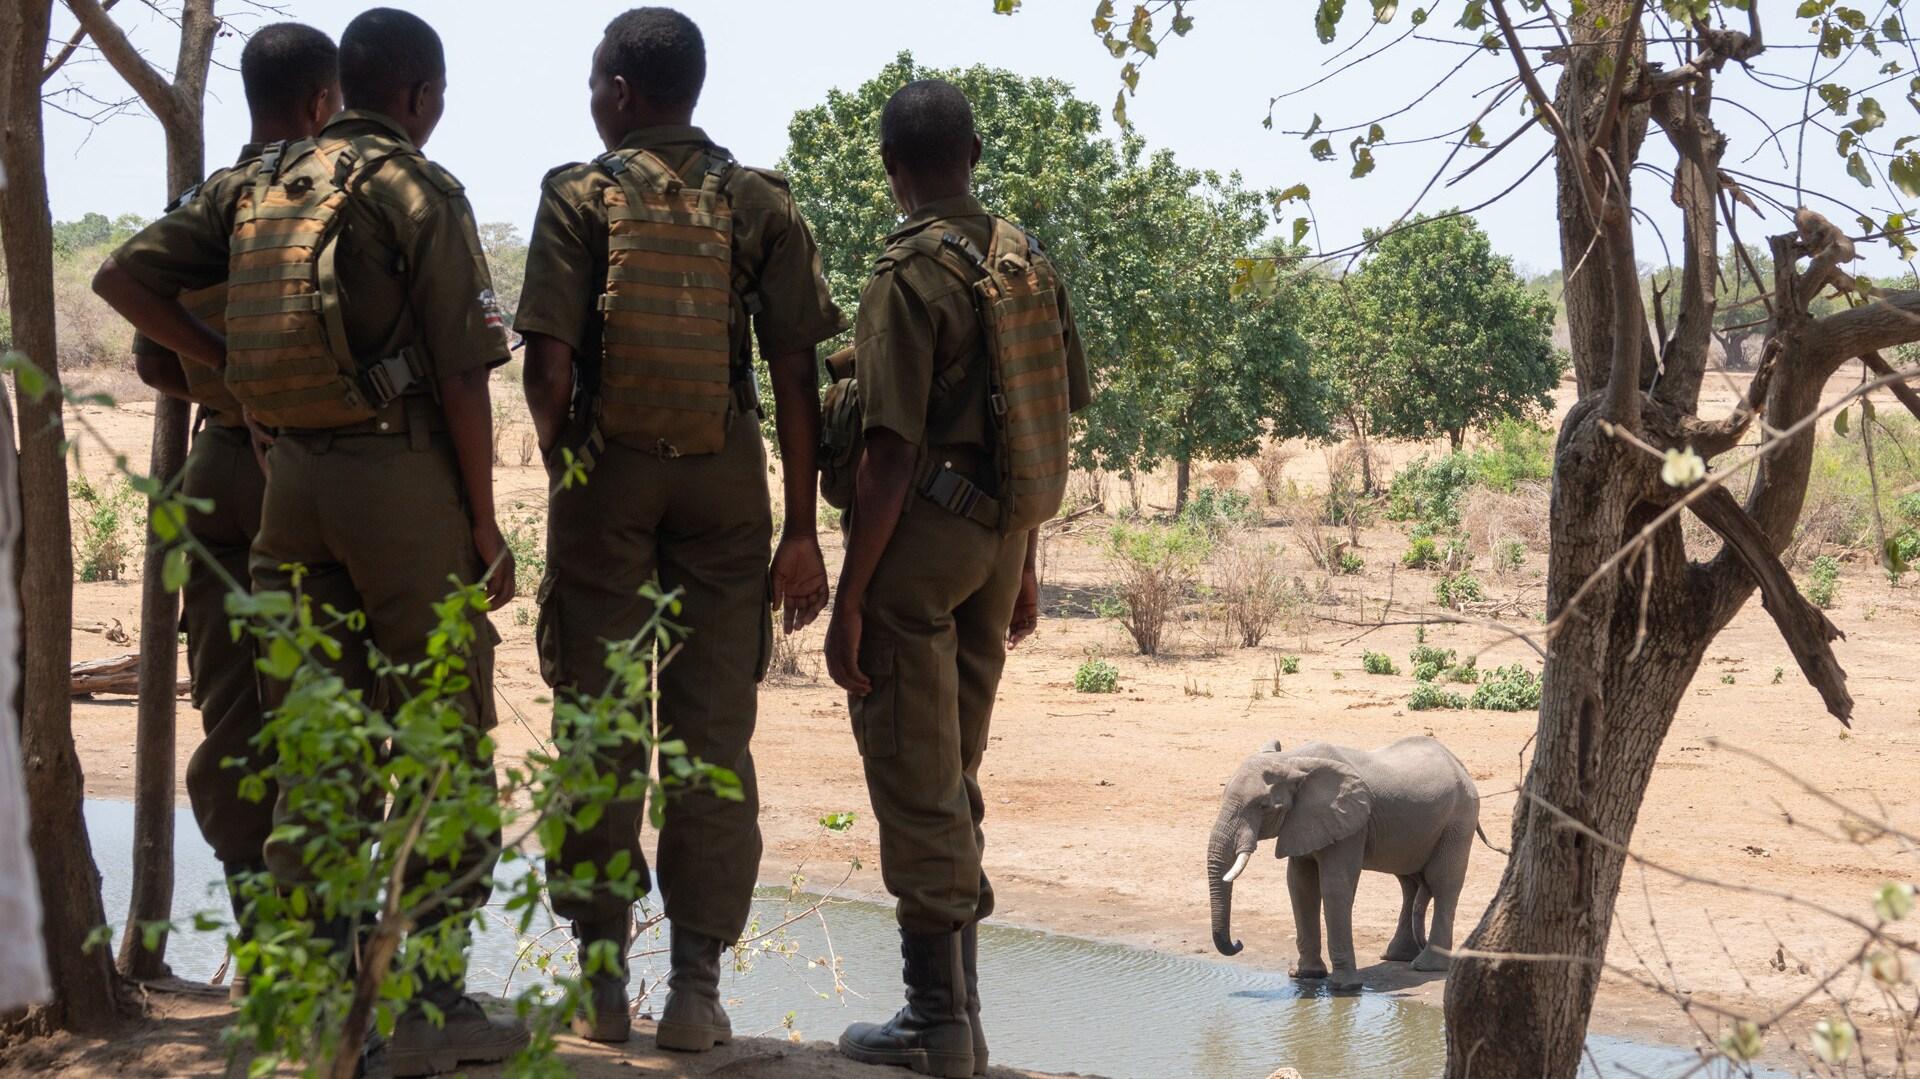 Zimbabwe - Akashinga Rangers with elephant at watering hole. (Kim Butts)